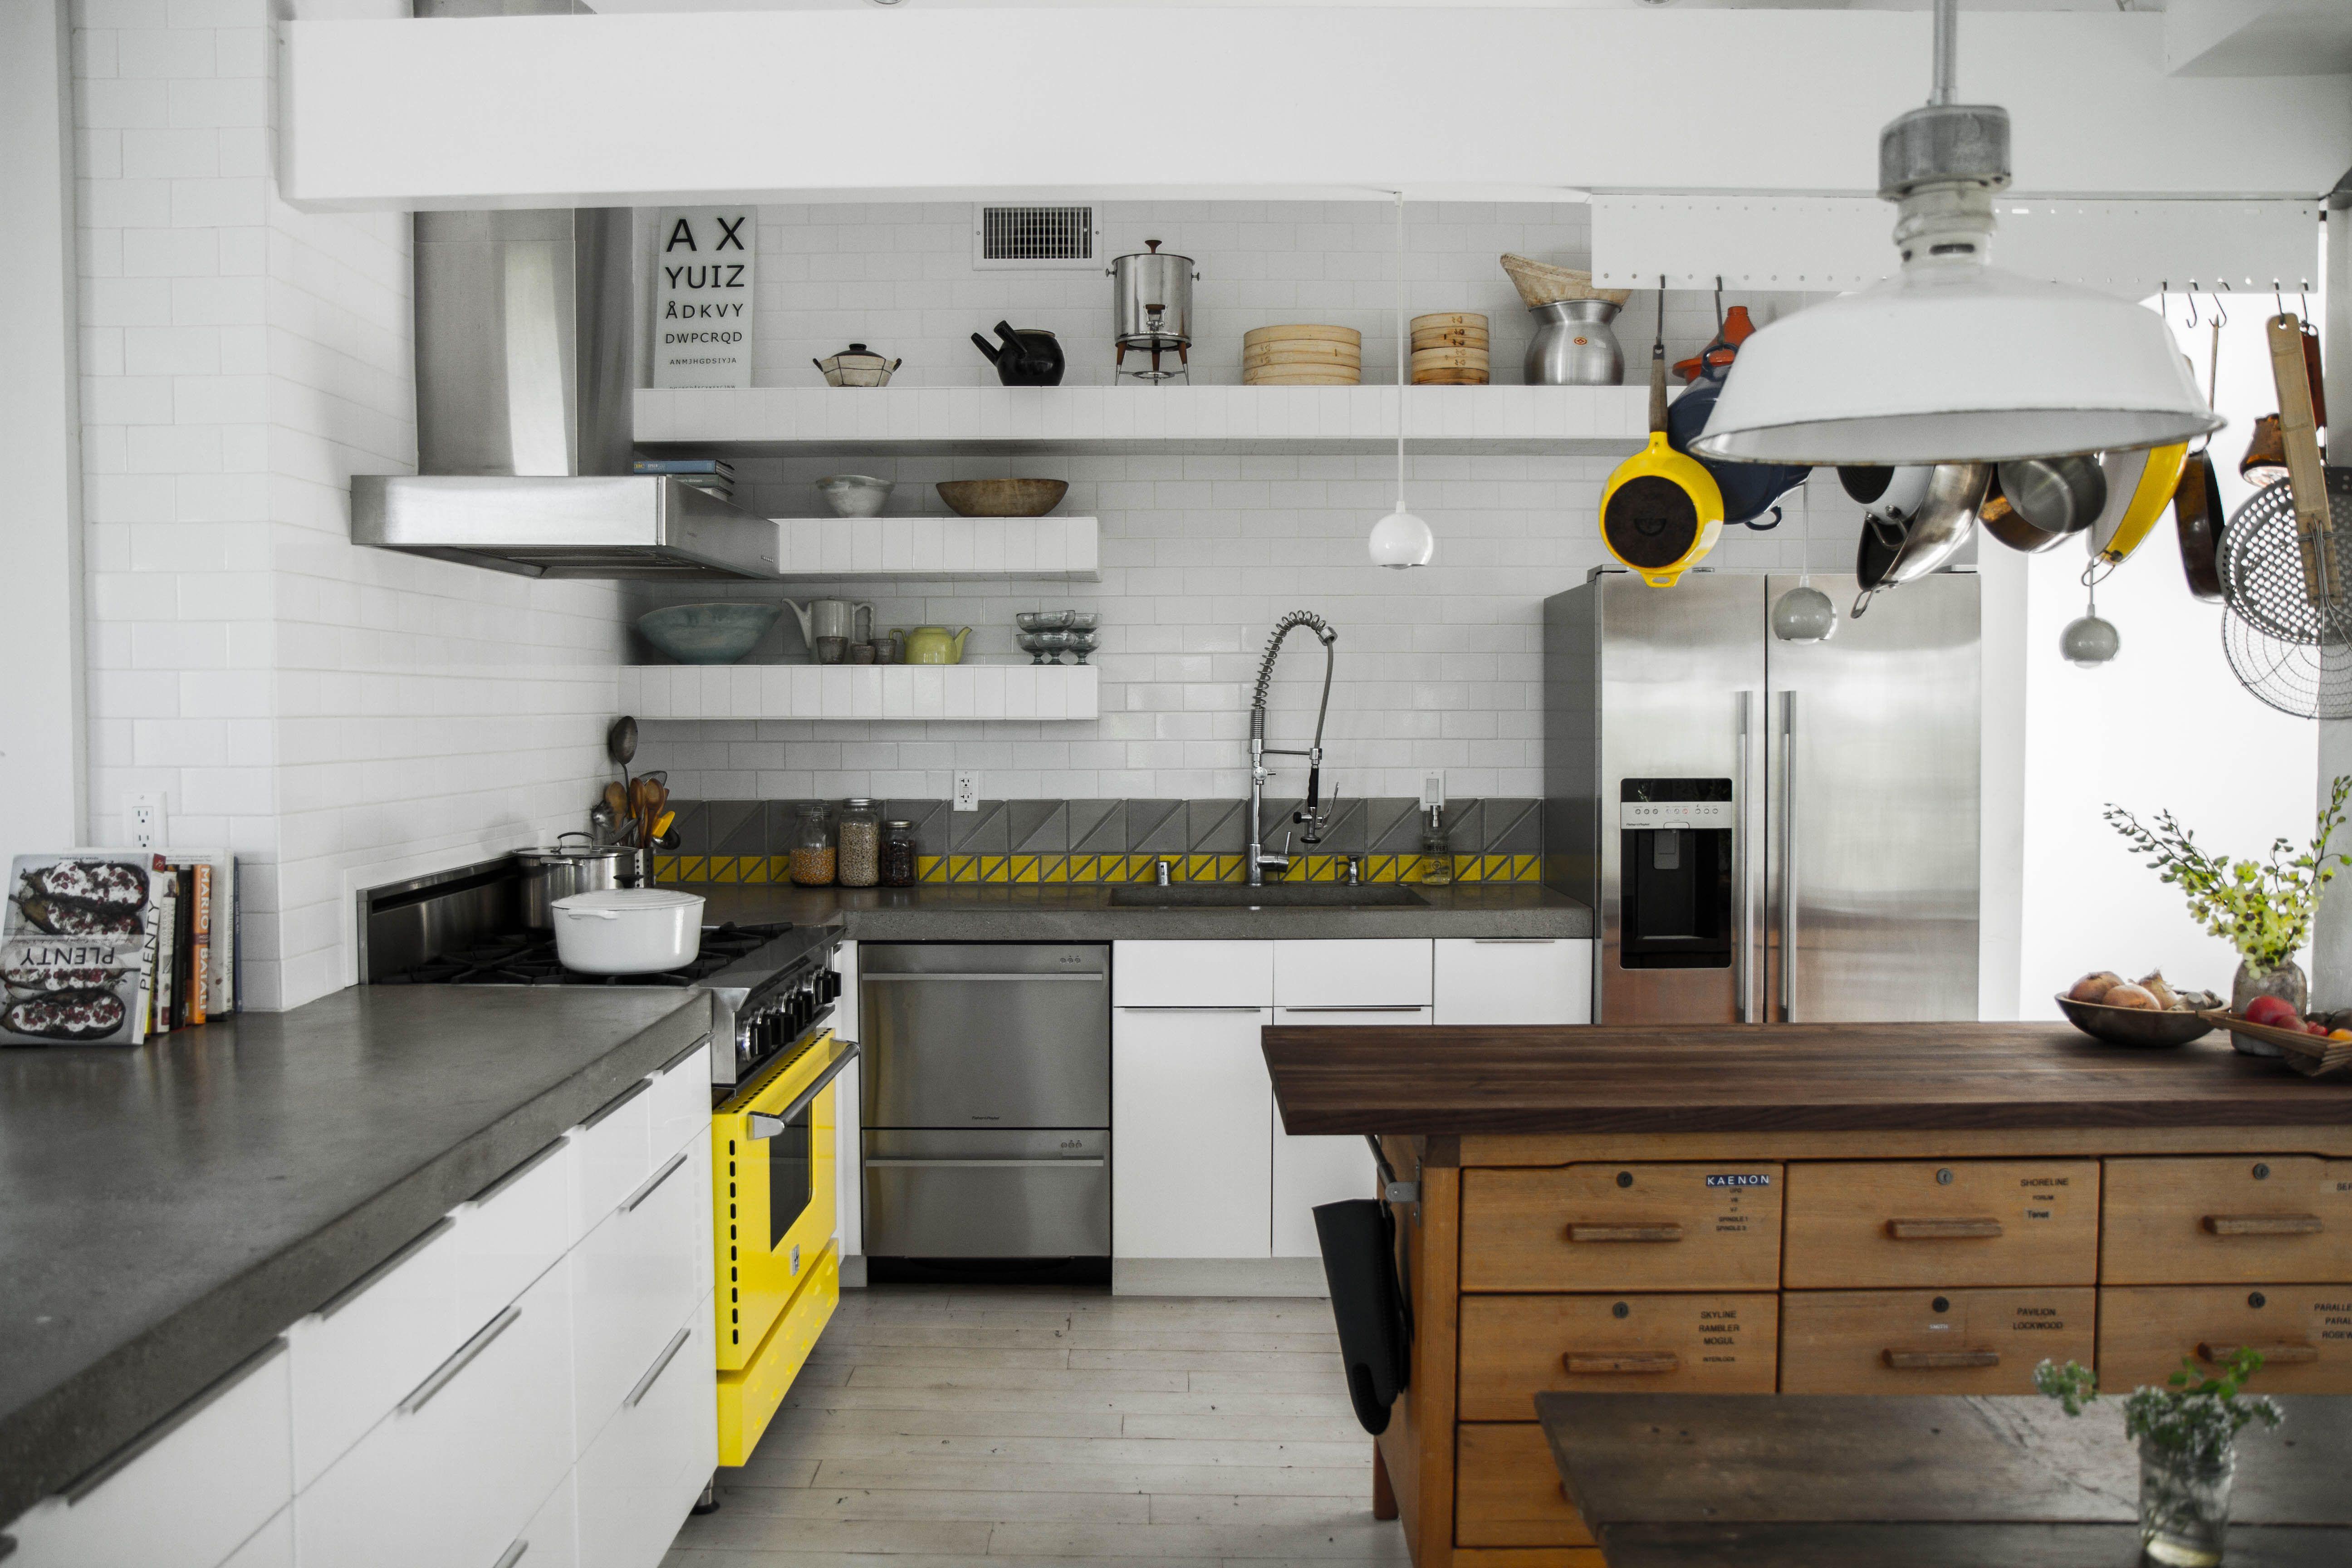 Best Amateur-Designed Kitchen: Maya Ivanir | Design awards ...